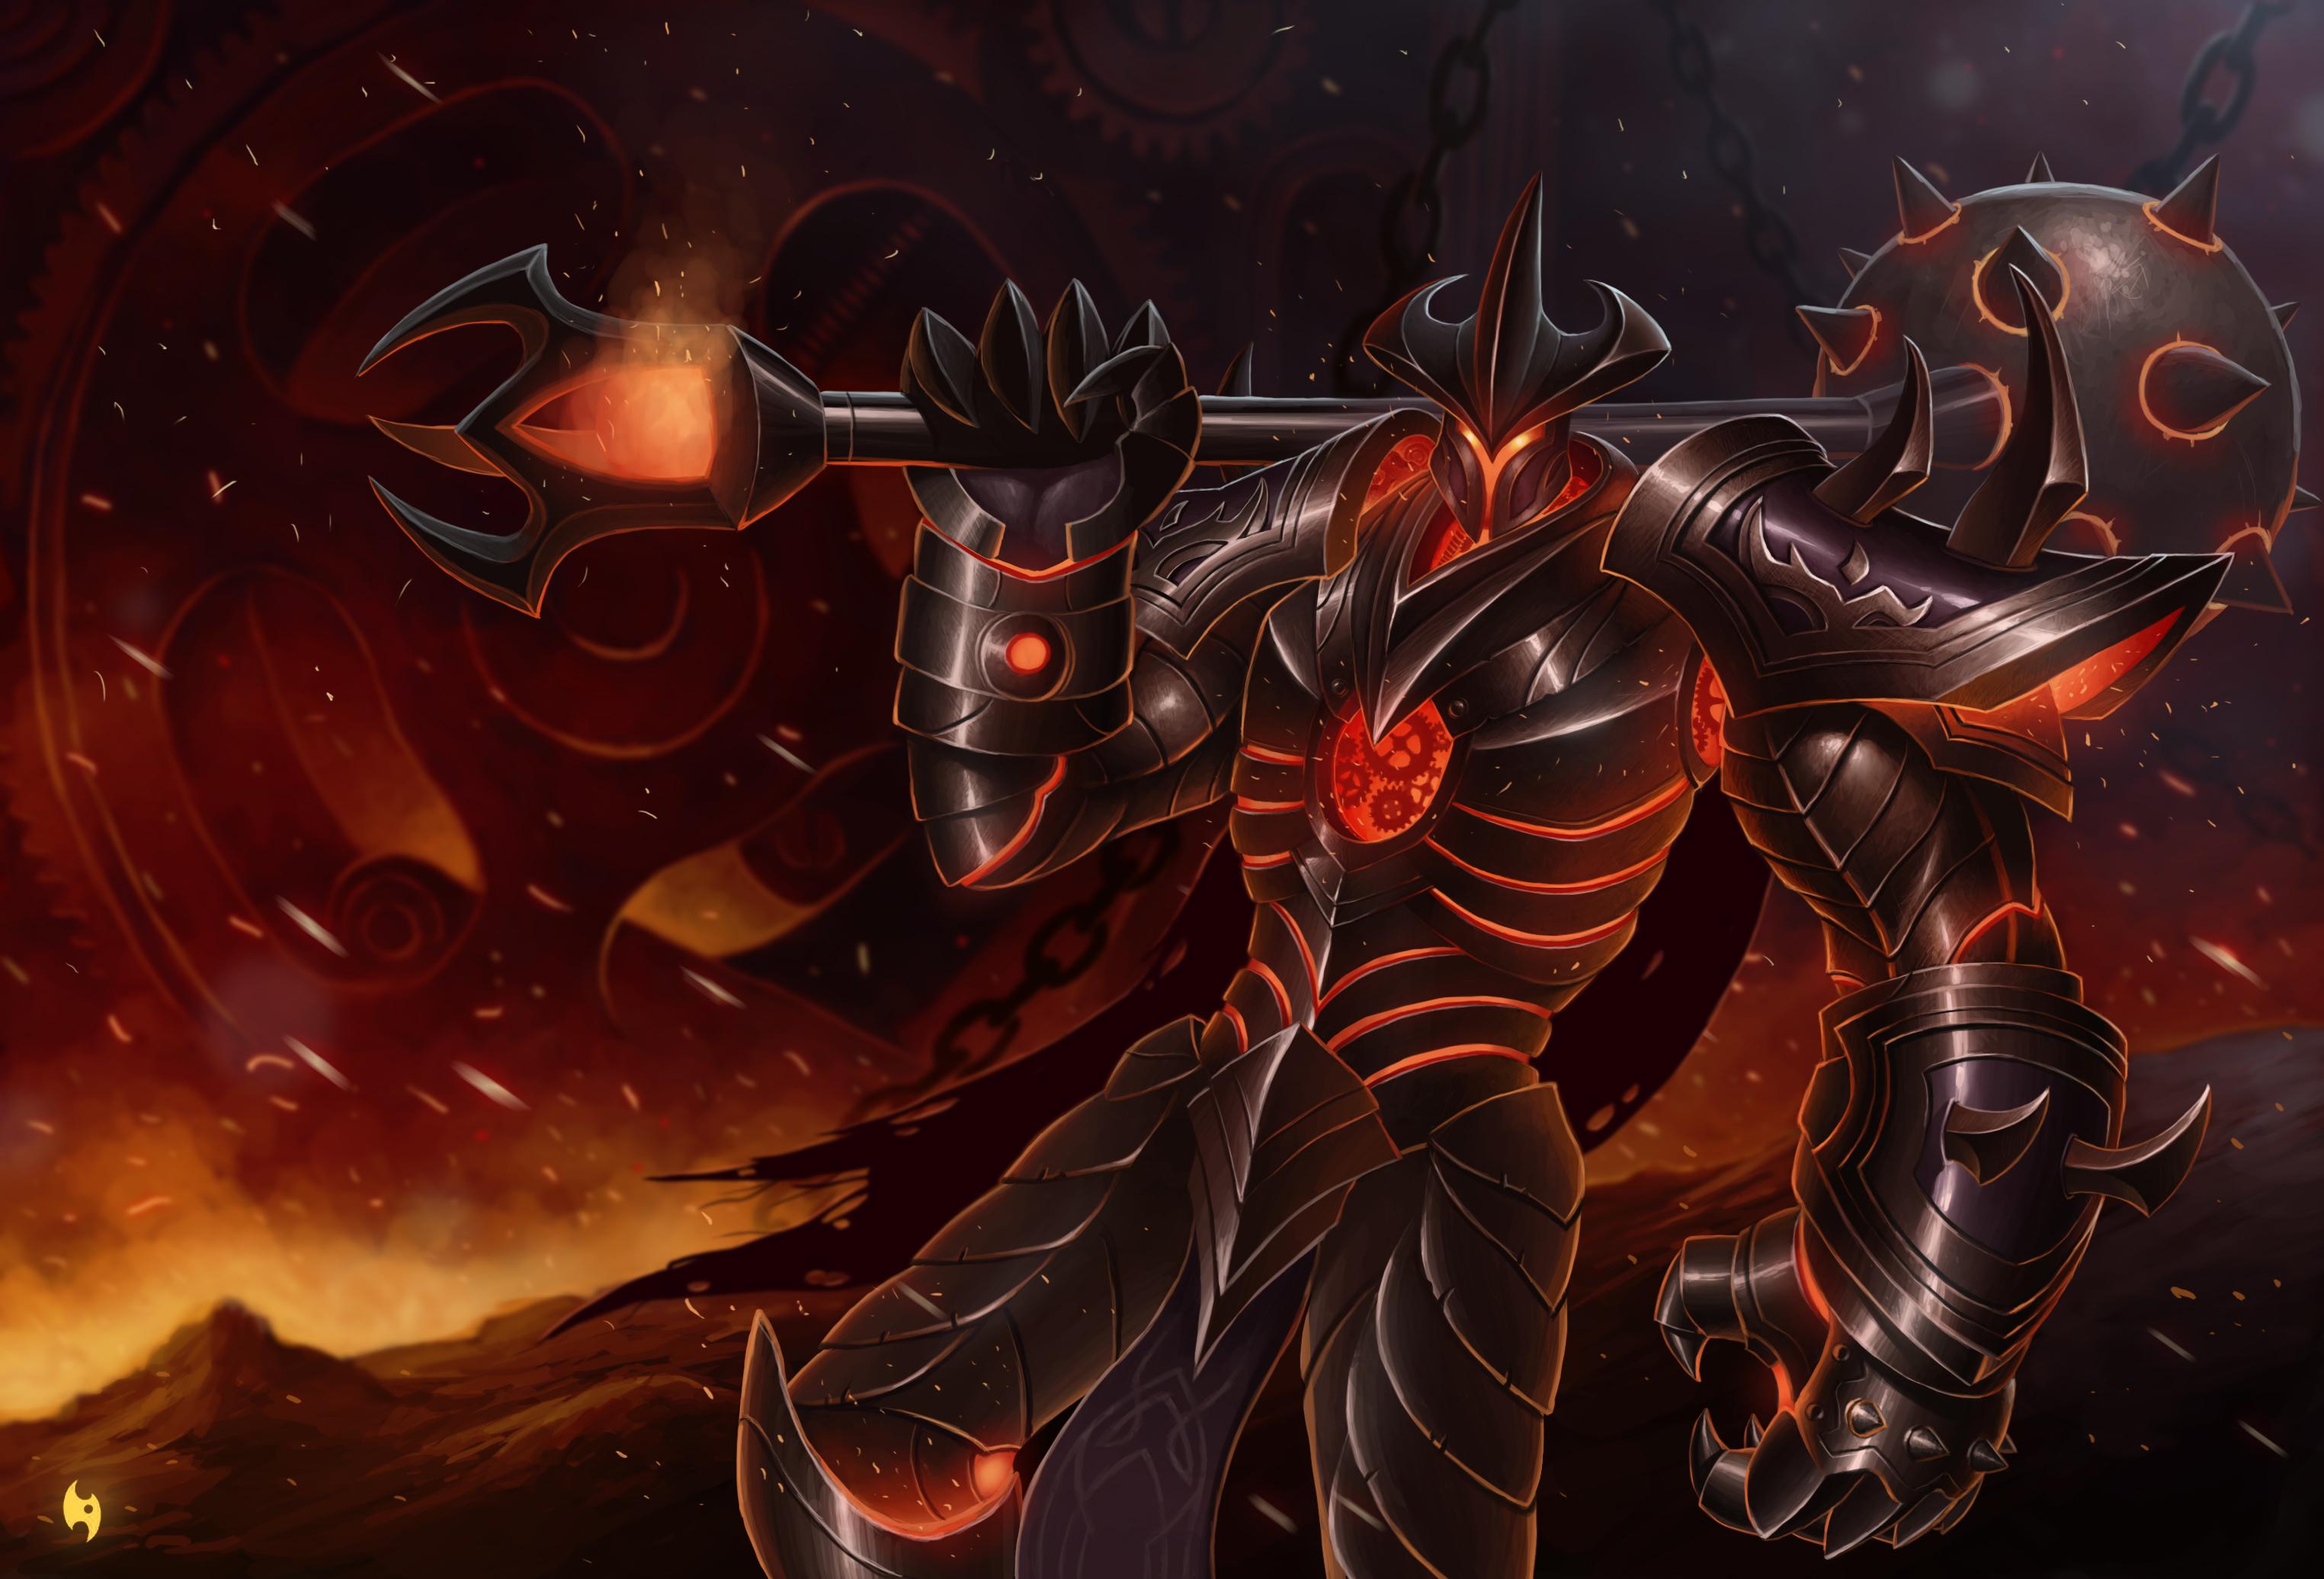 Картинки League of Legends Доспехи воин mordekaiser Master of Metal Фэнтези компьютерная игра 3049x2072 LOL броня броне доспехе доспехах воины Воители Фантастика Игры